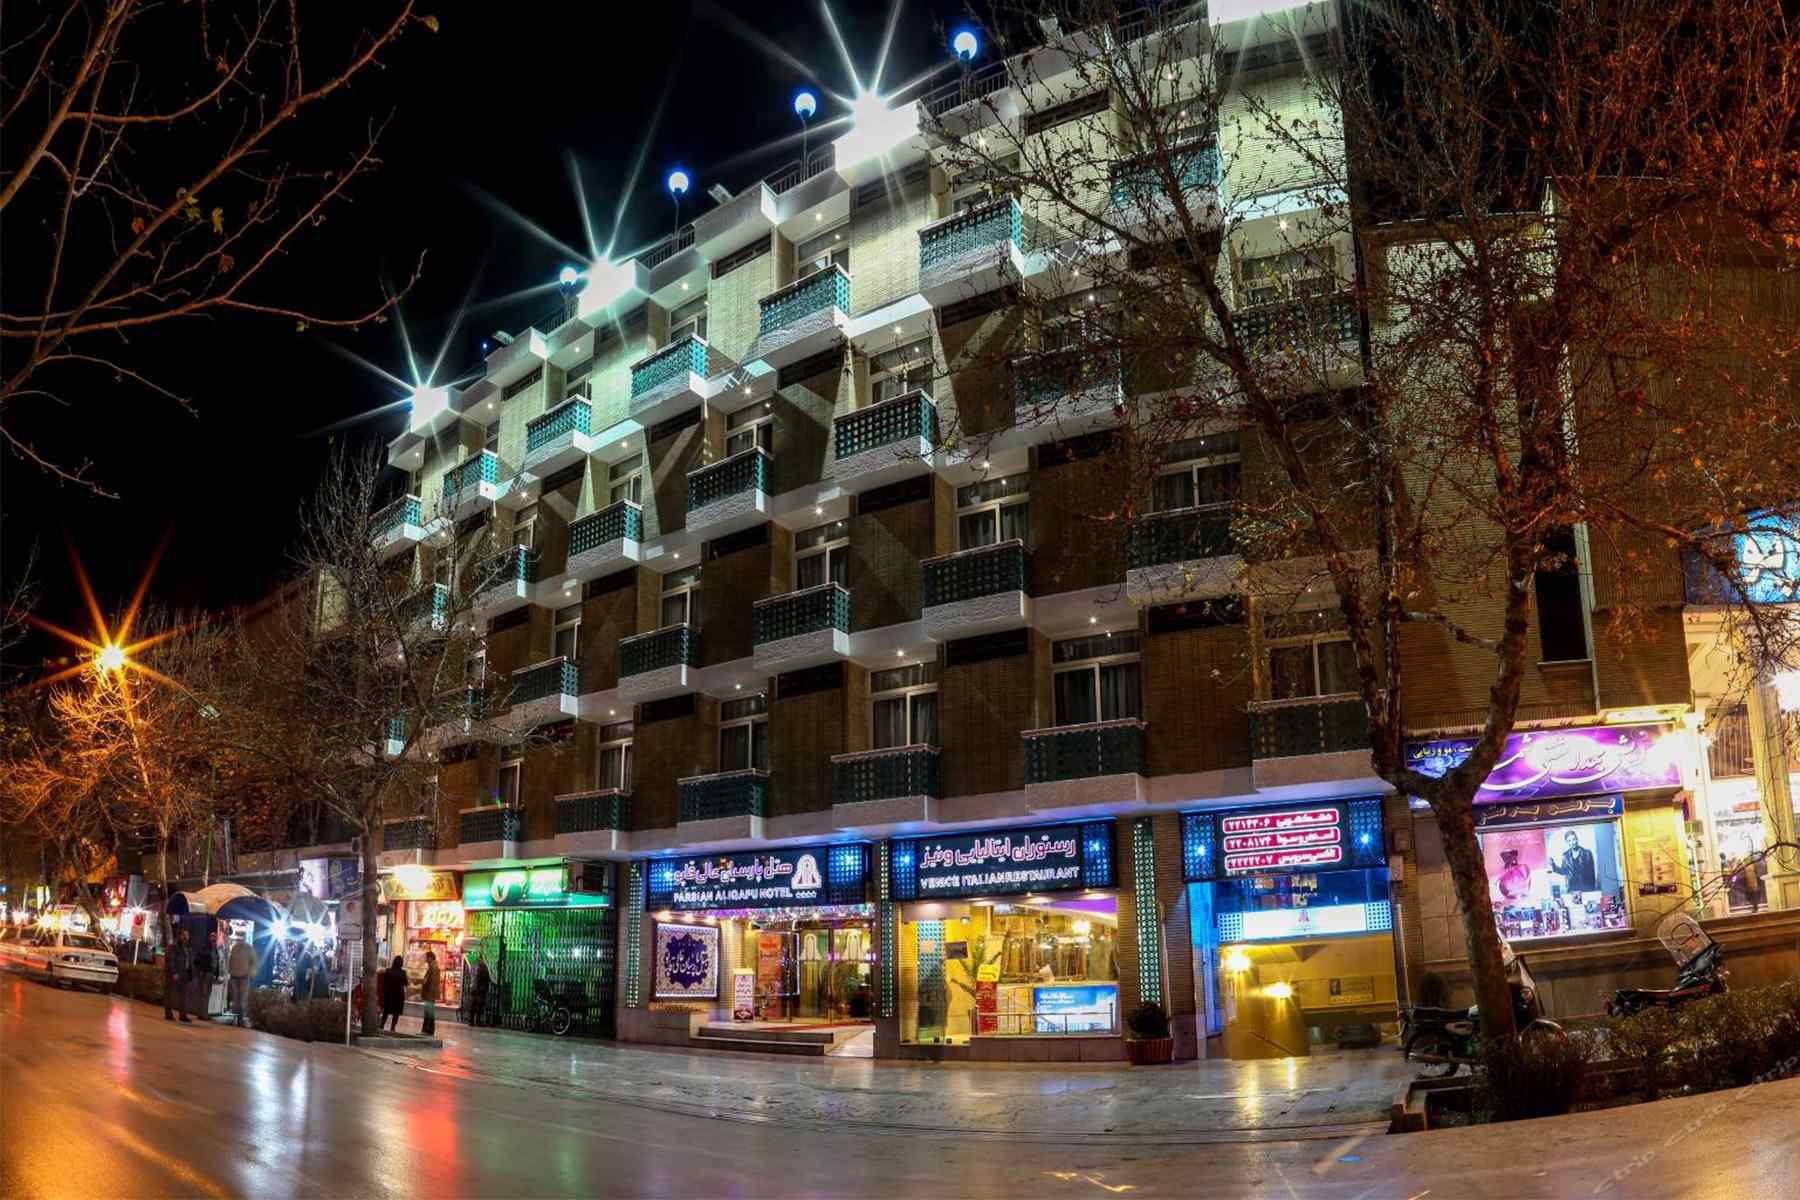 تور لوکس اصفهان هتل عالی قاپو با قطار و هواپیما